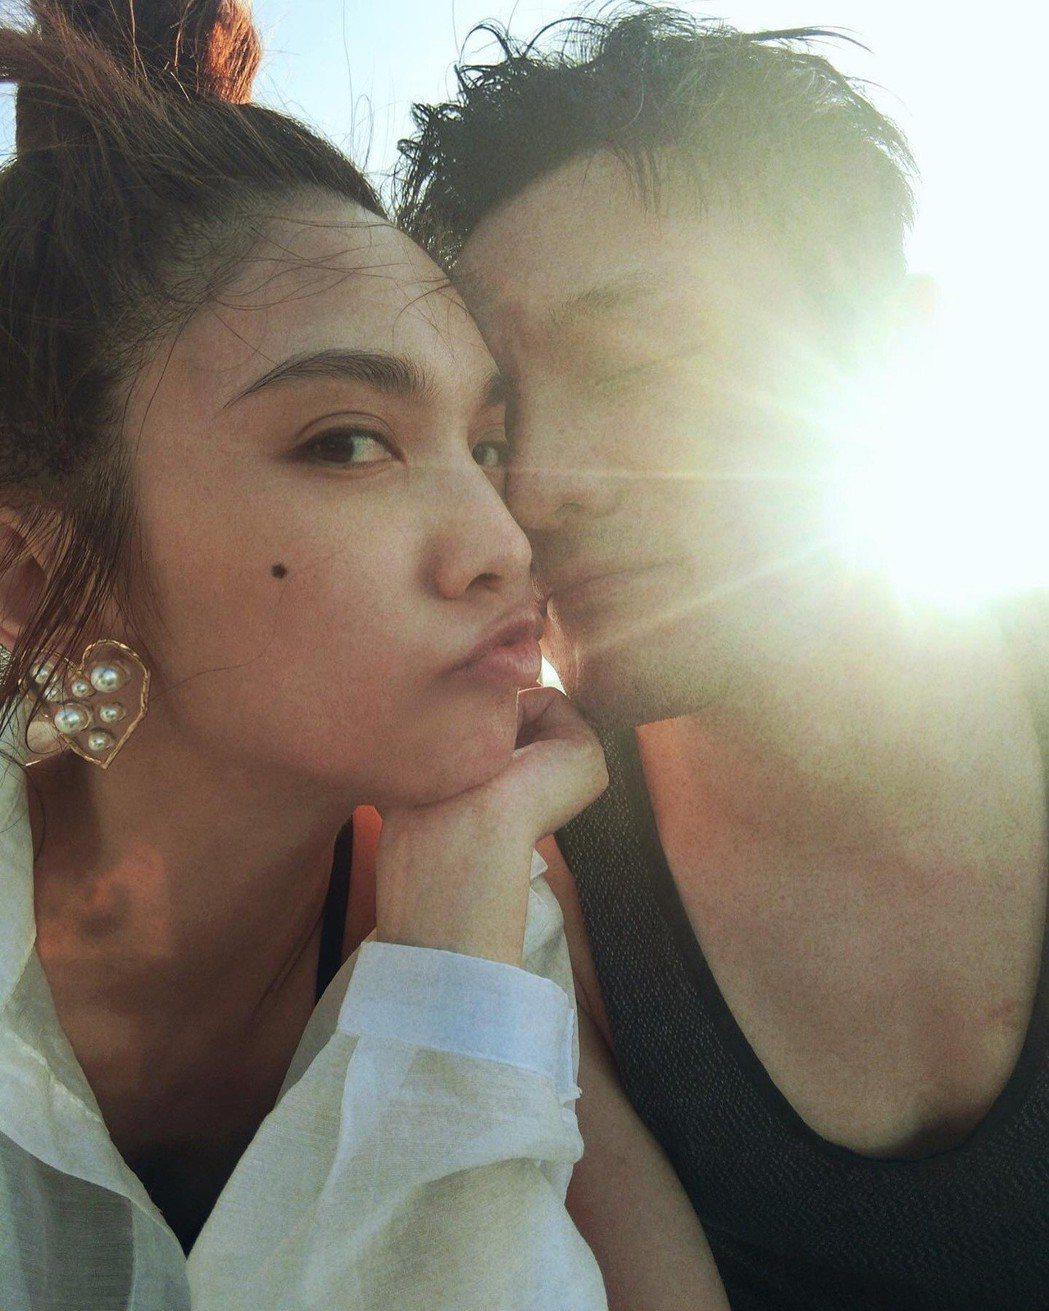 李榮浩(右)在求婚後Po出和楊丞琳臉貼臉照片。圖/摘自微博